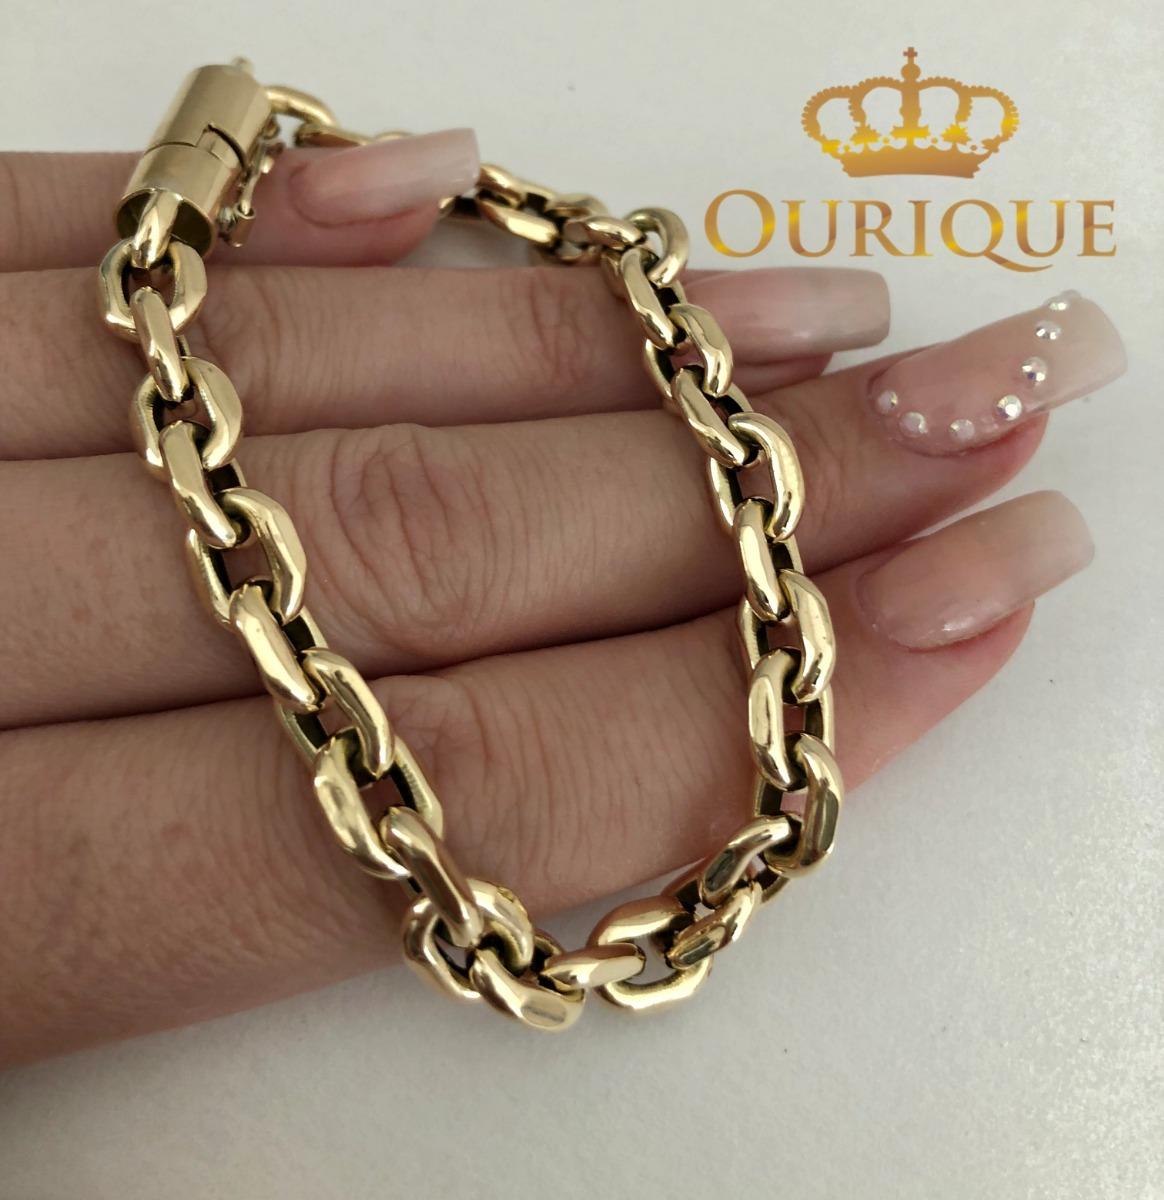 a8d4afdc610 pulseira masculina cartier italiano ouro 18k 750 promoção. Carregando zoom.